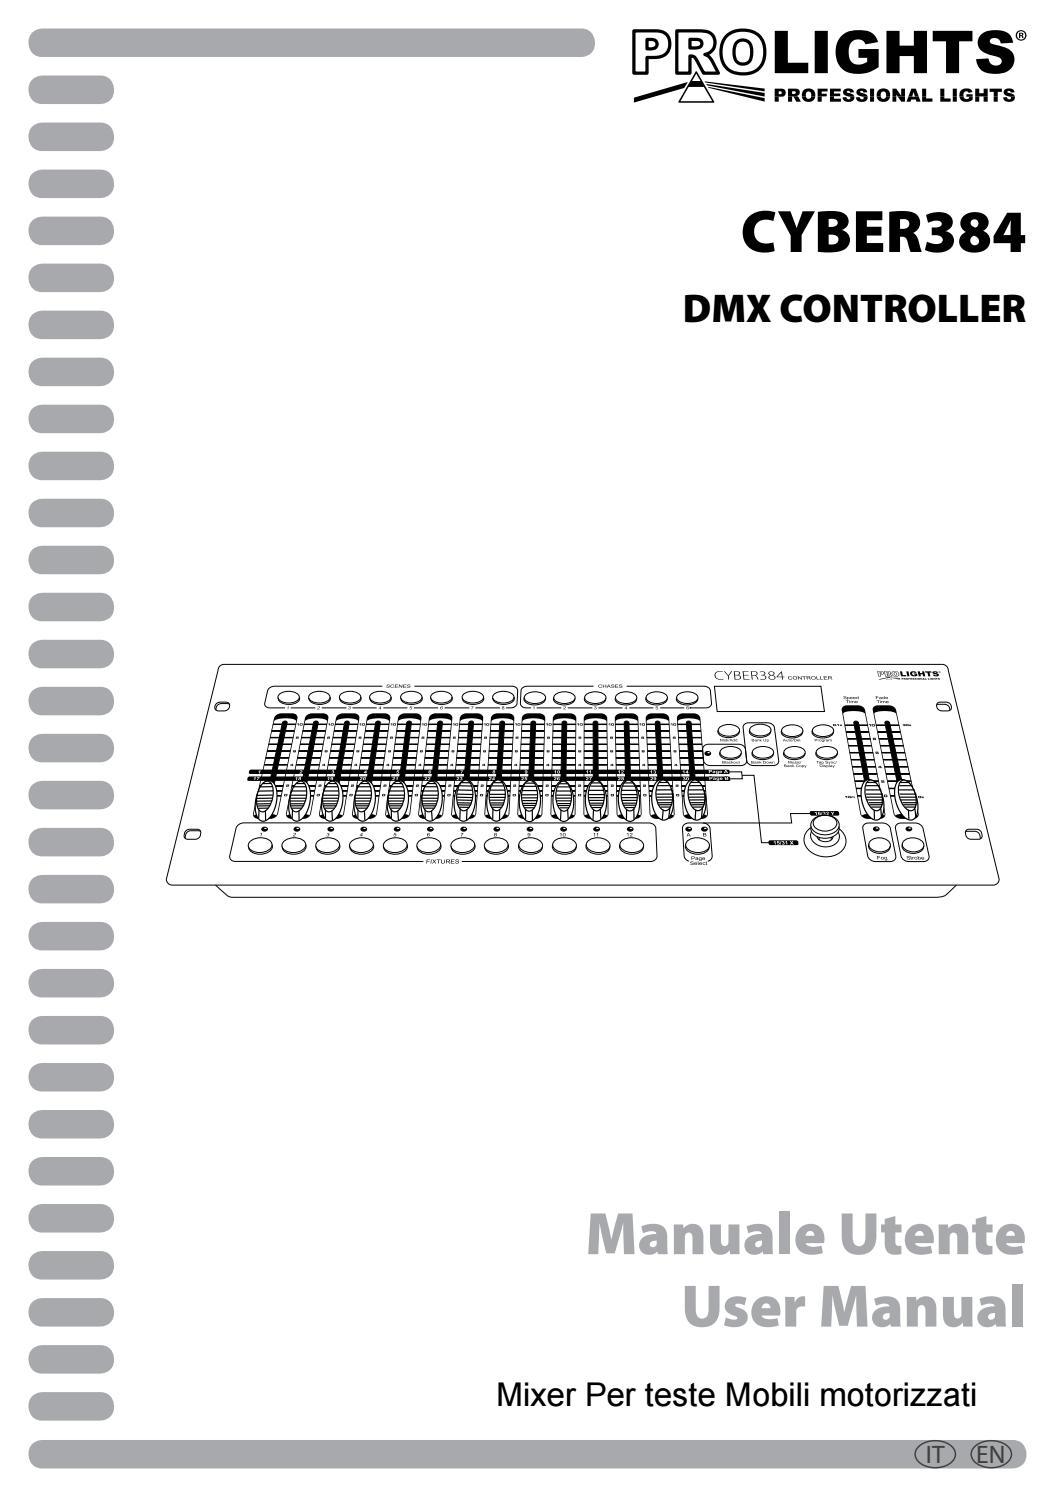 Schema Collegamento Xlr : Mixer per teste mobili by il microfono audio luci store issuu